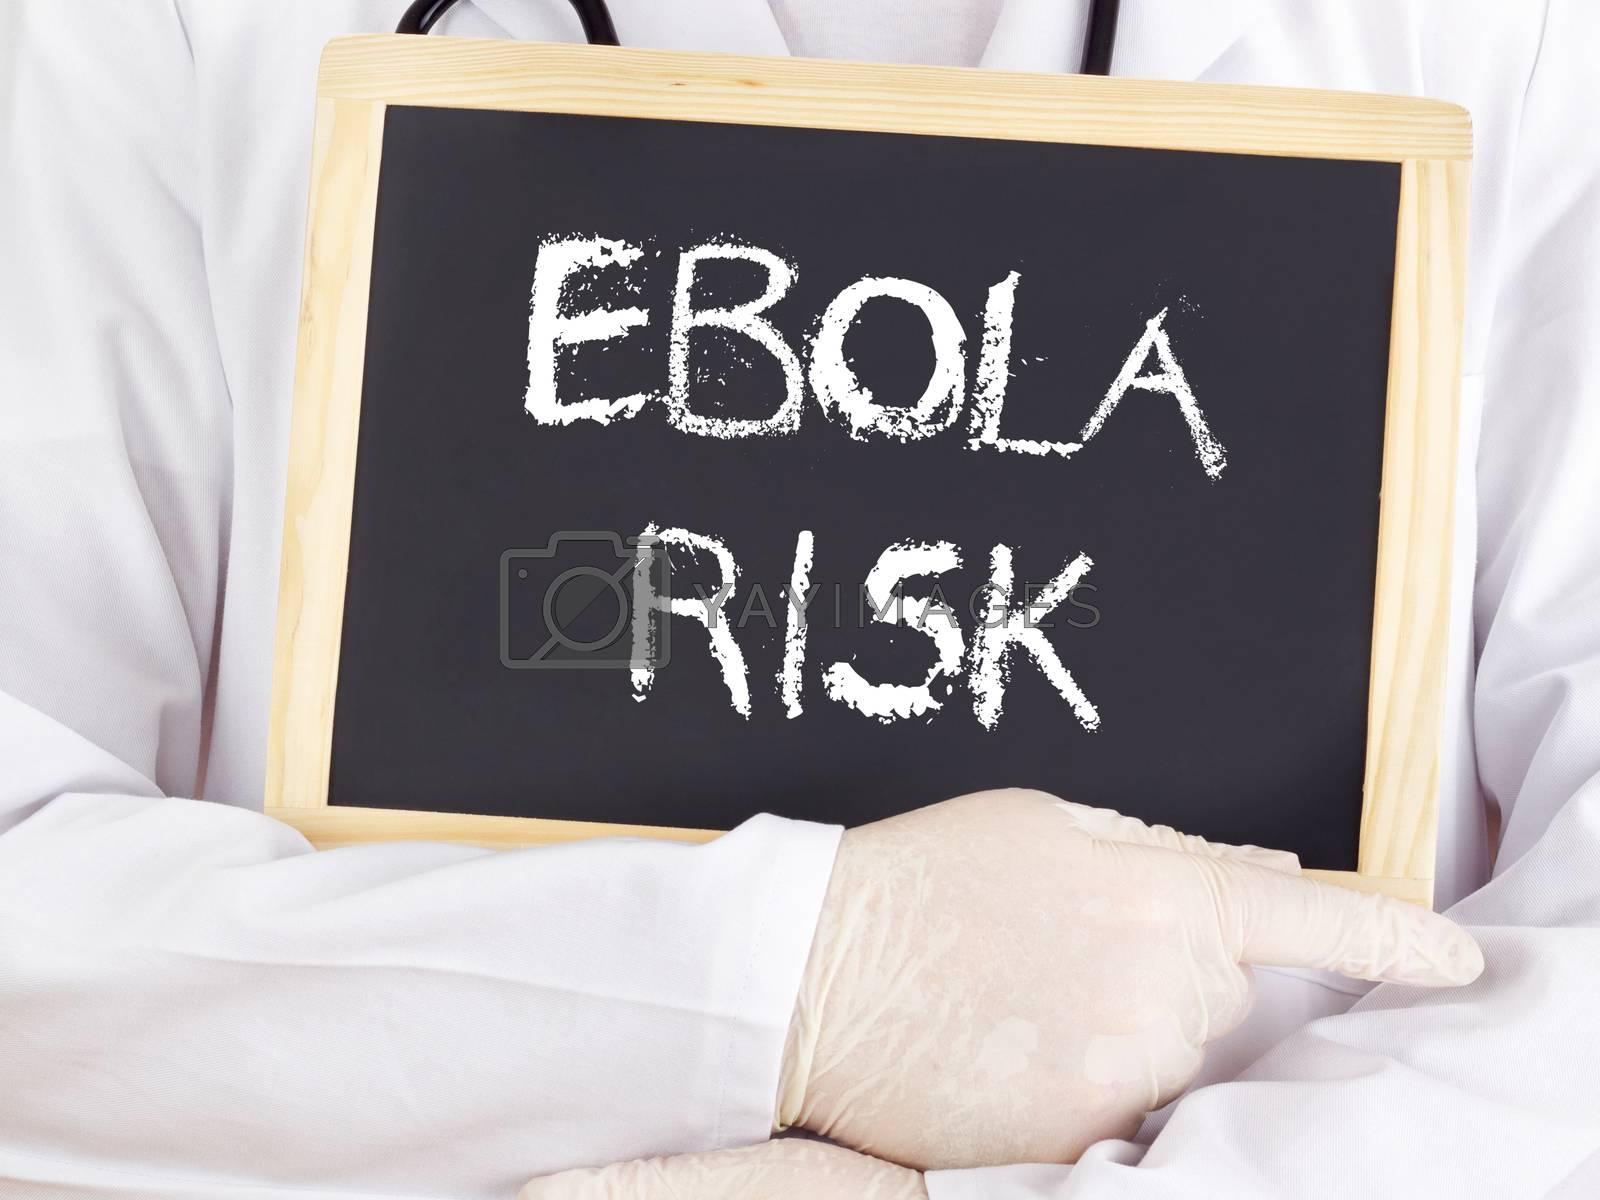 Doctor shows information: Ebola risk